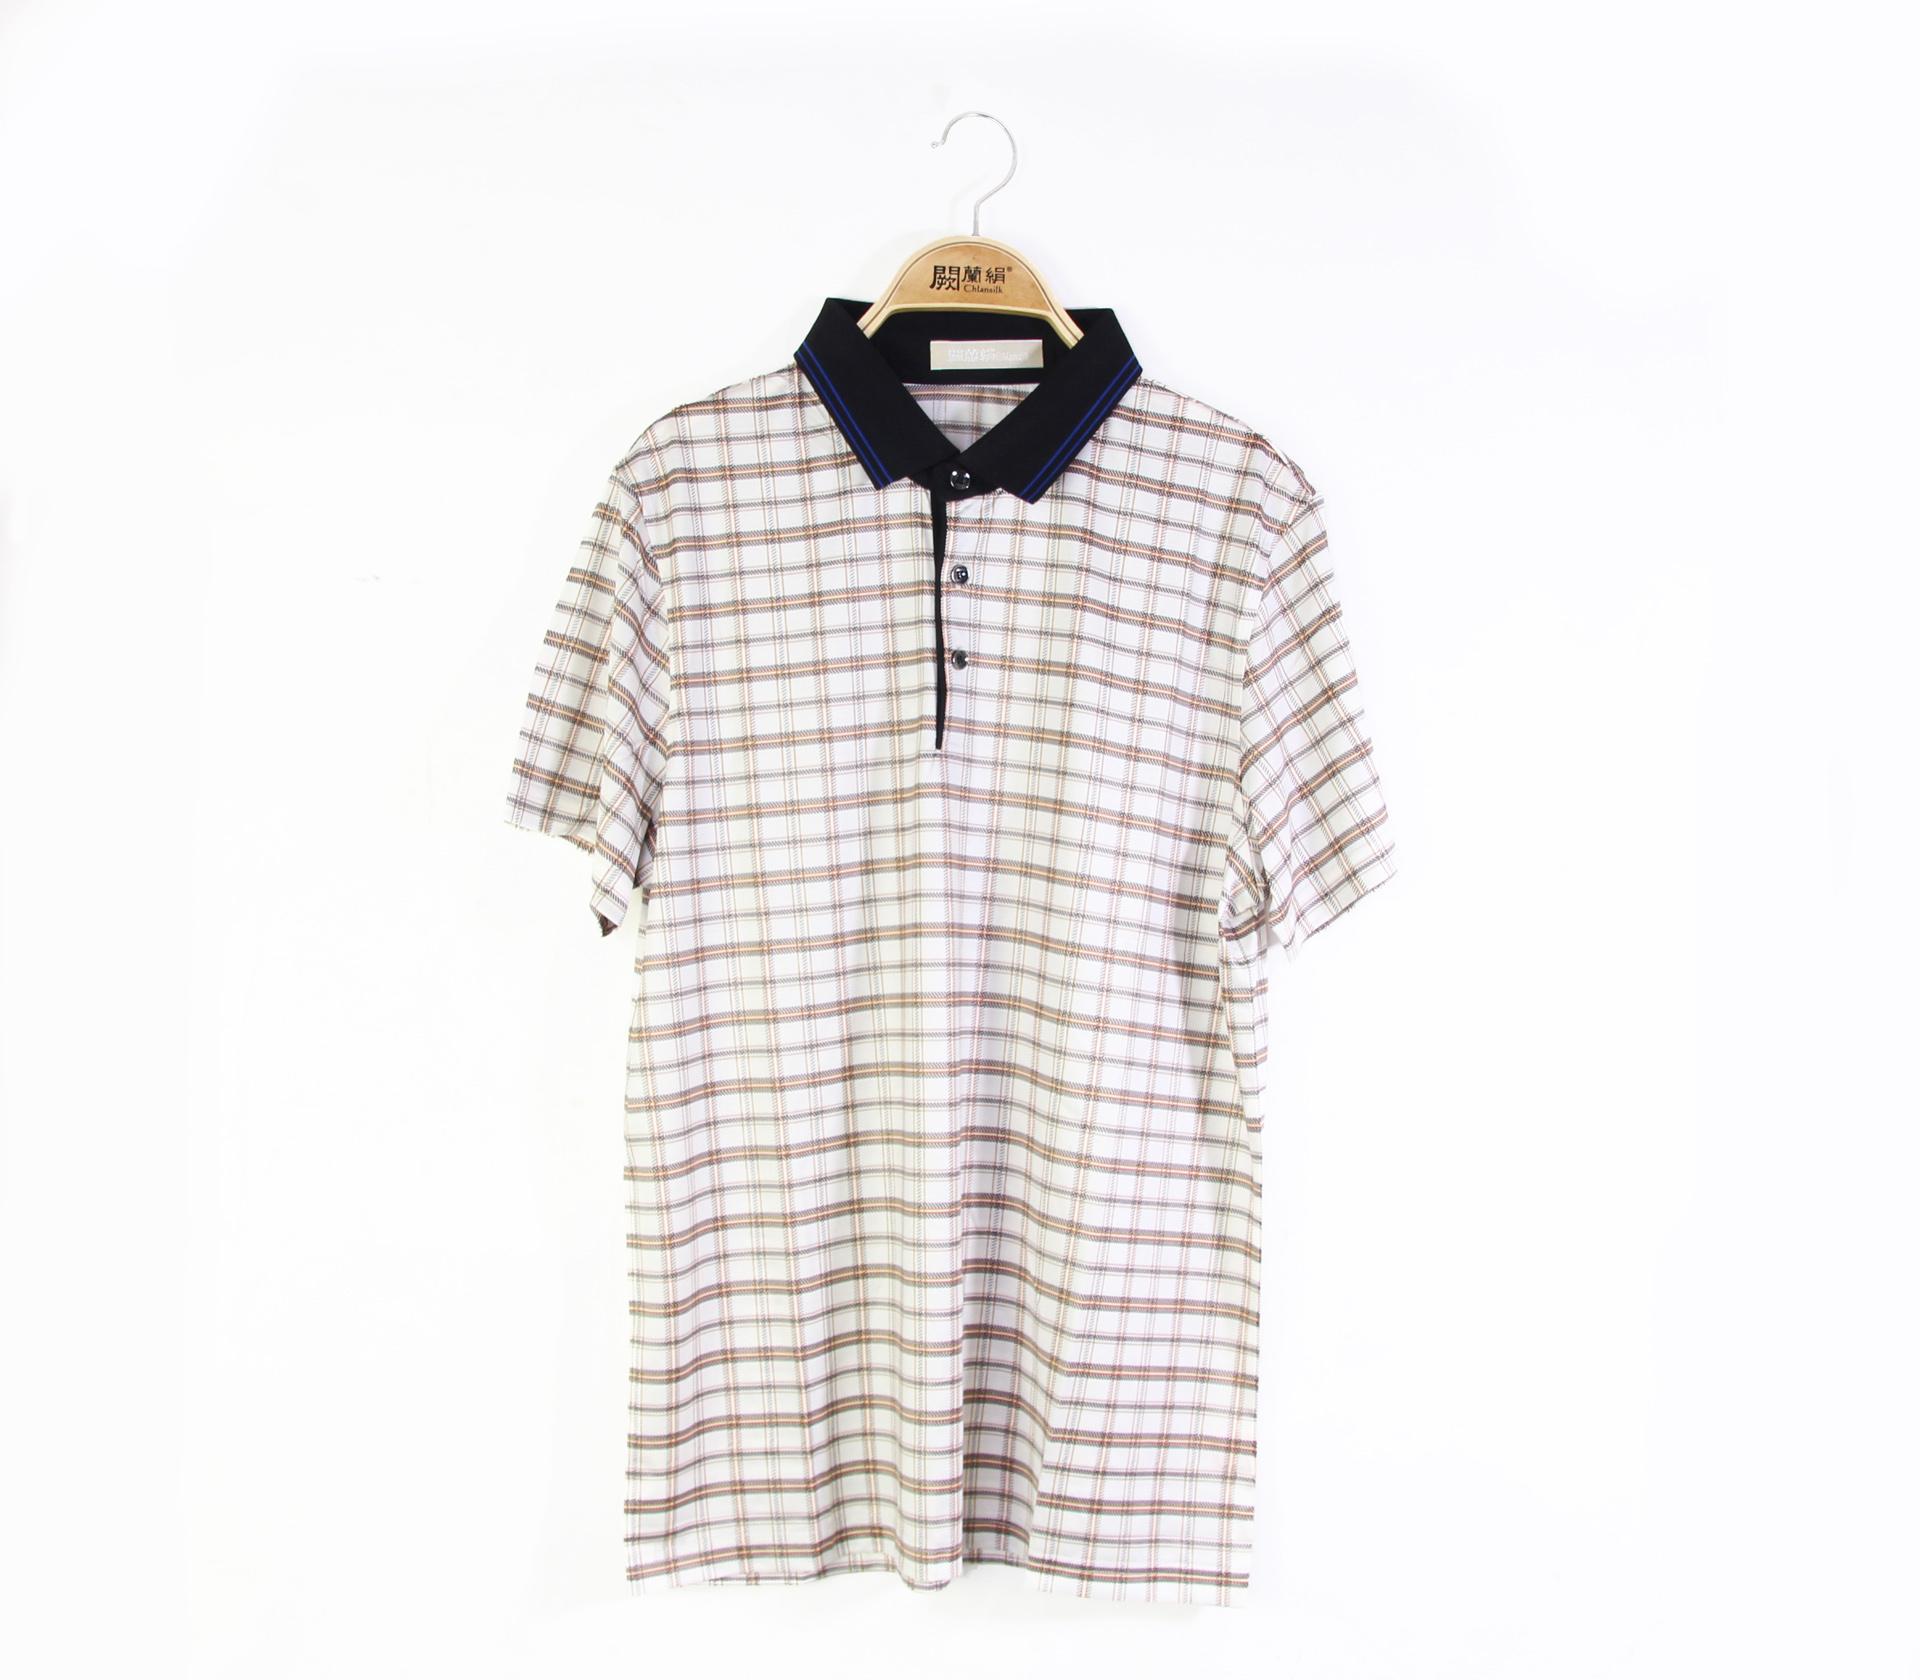 闕蘭絹舒適涼感經典格紋100%蠶絲polo衫(咖啡)-5504